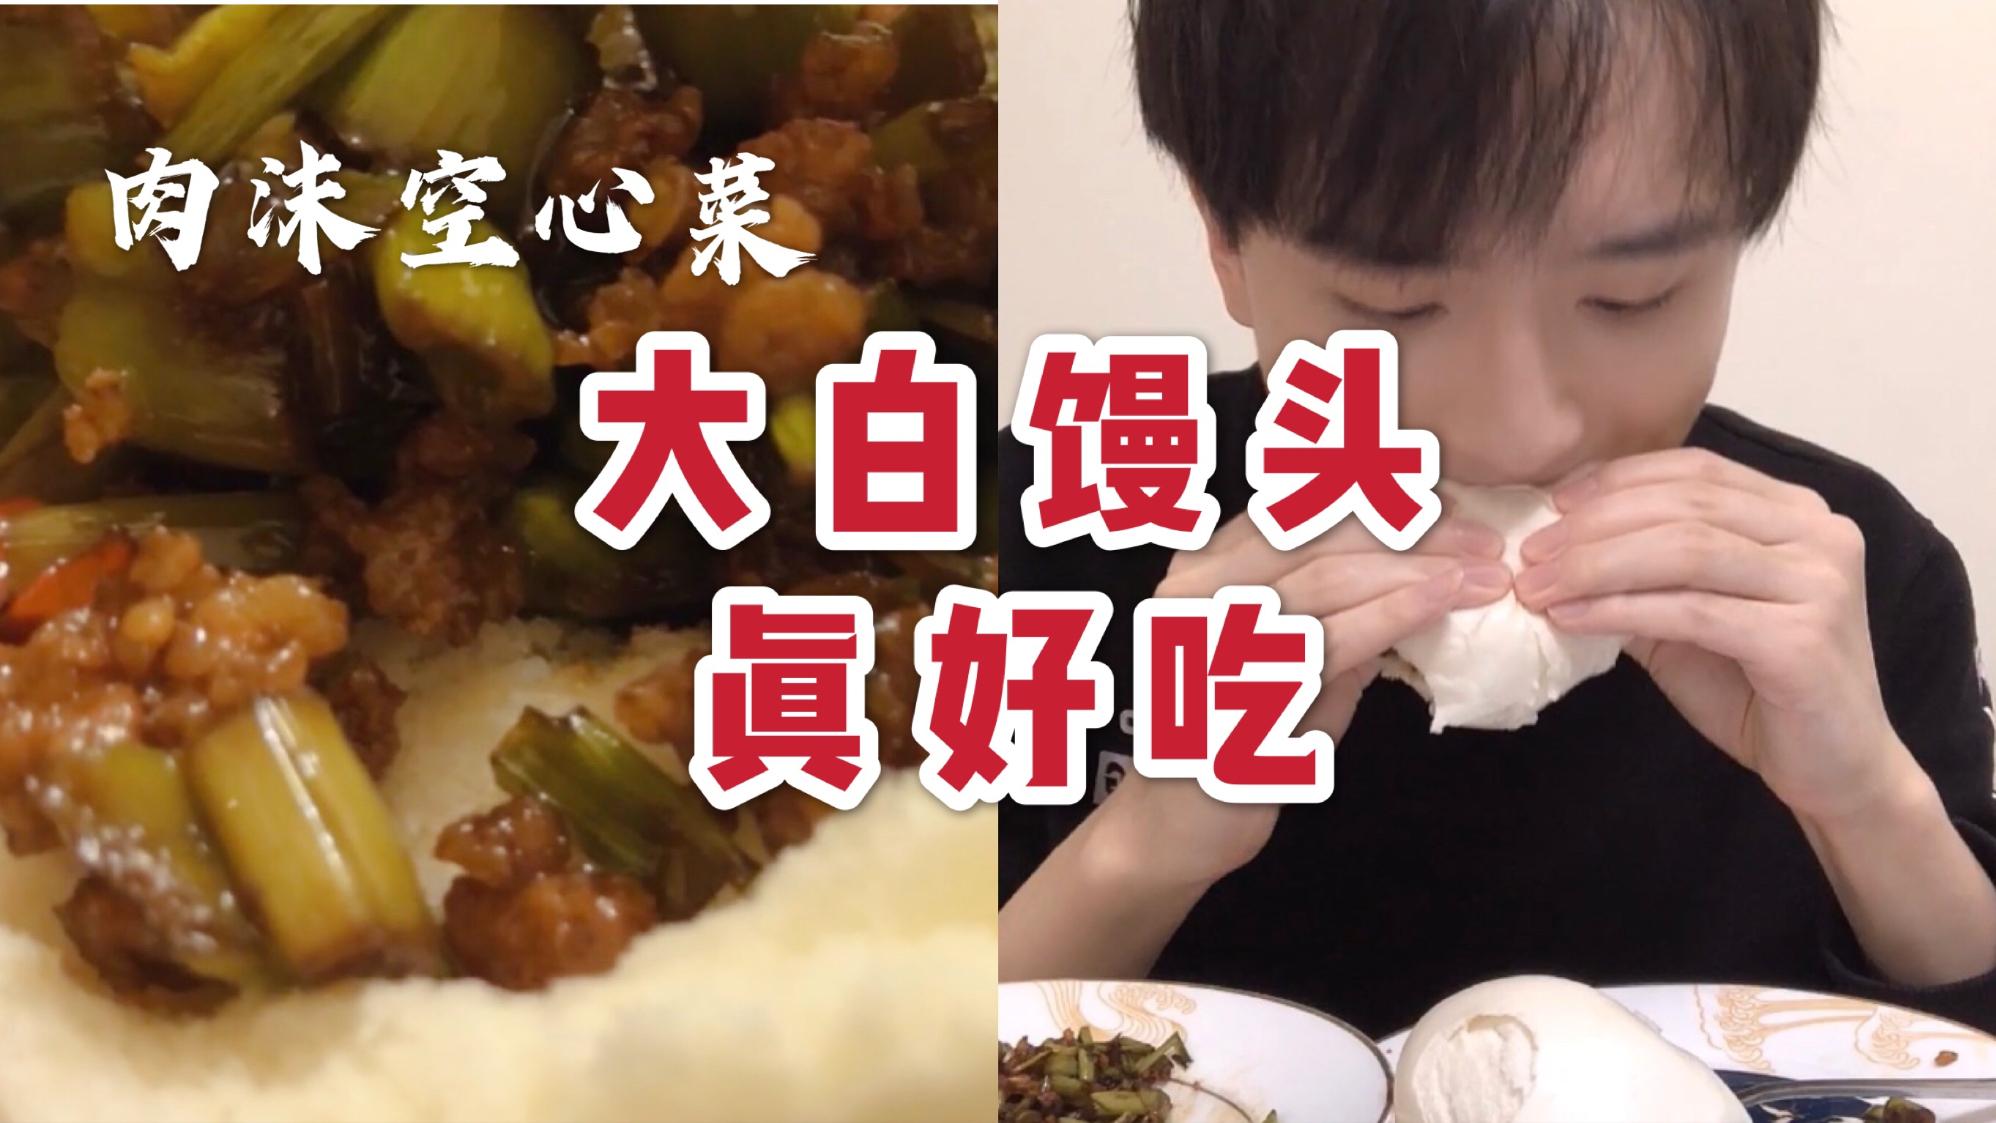 【超A新生计划】肉沫空心菜-5分钟完成的快手菜,第一次吃八月炸